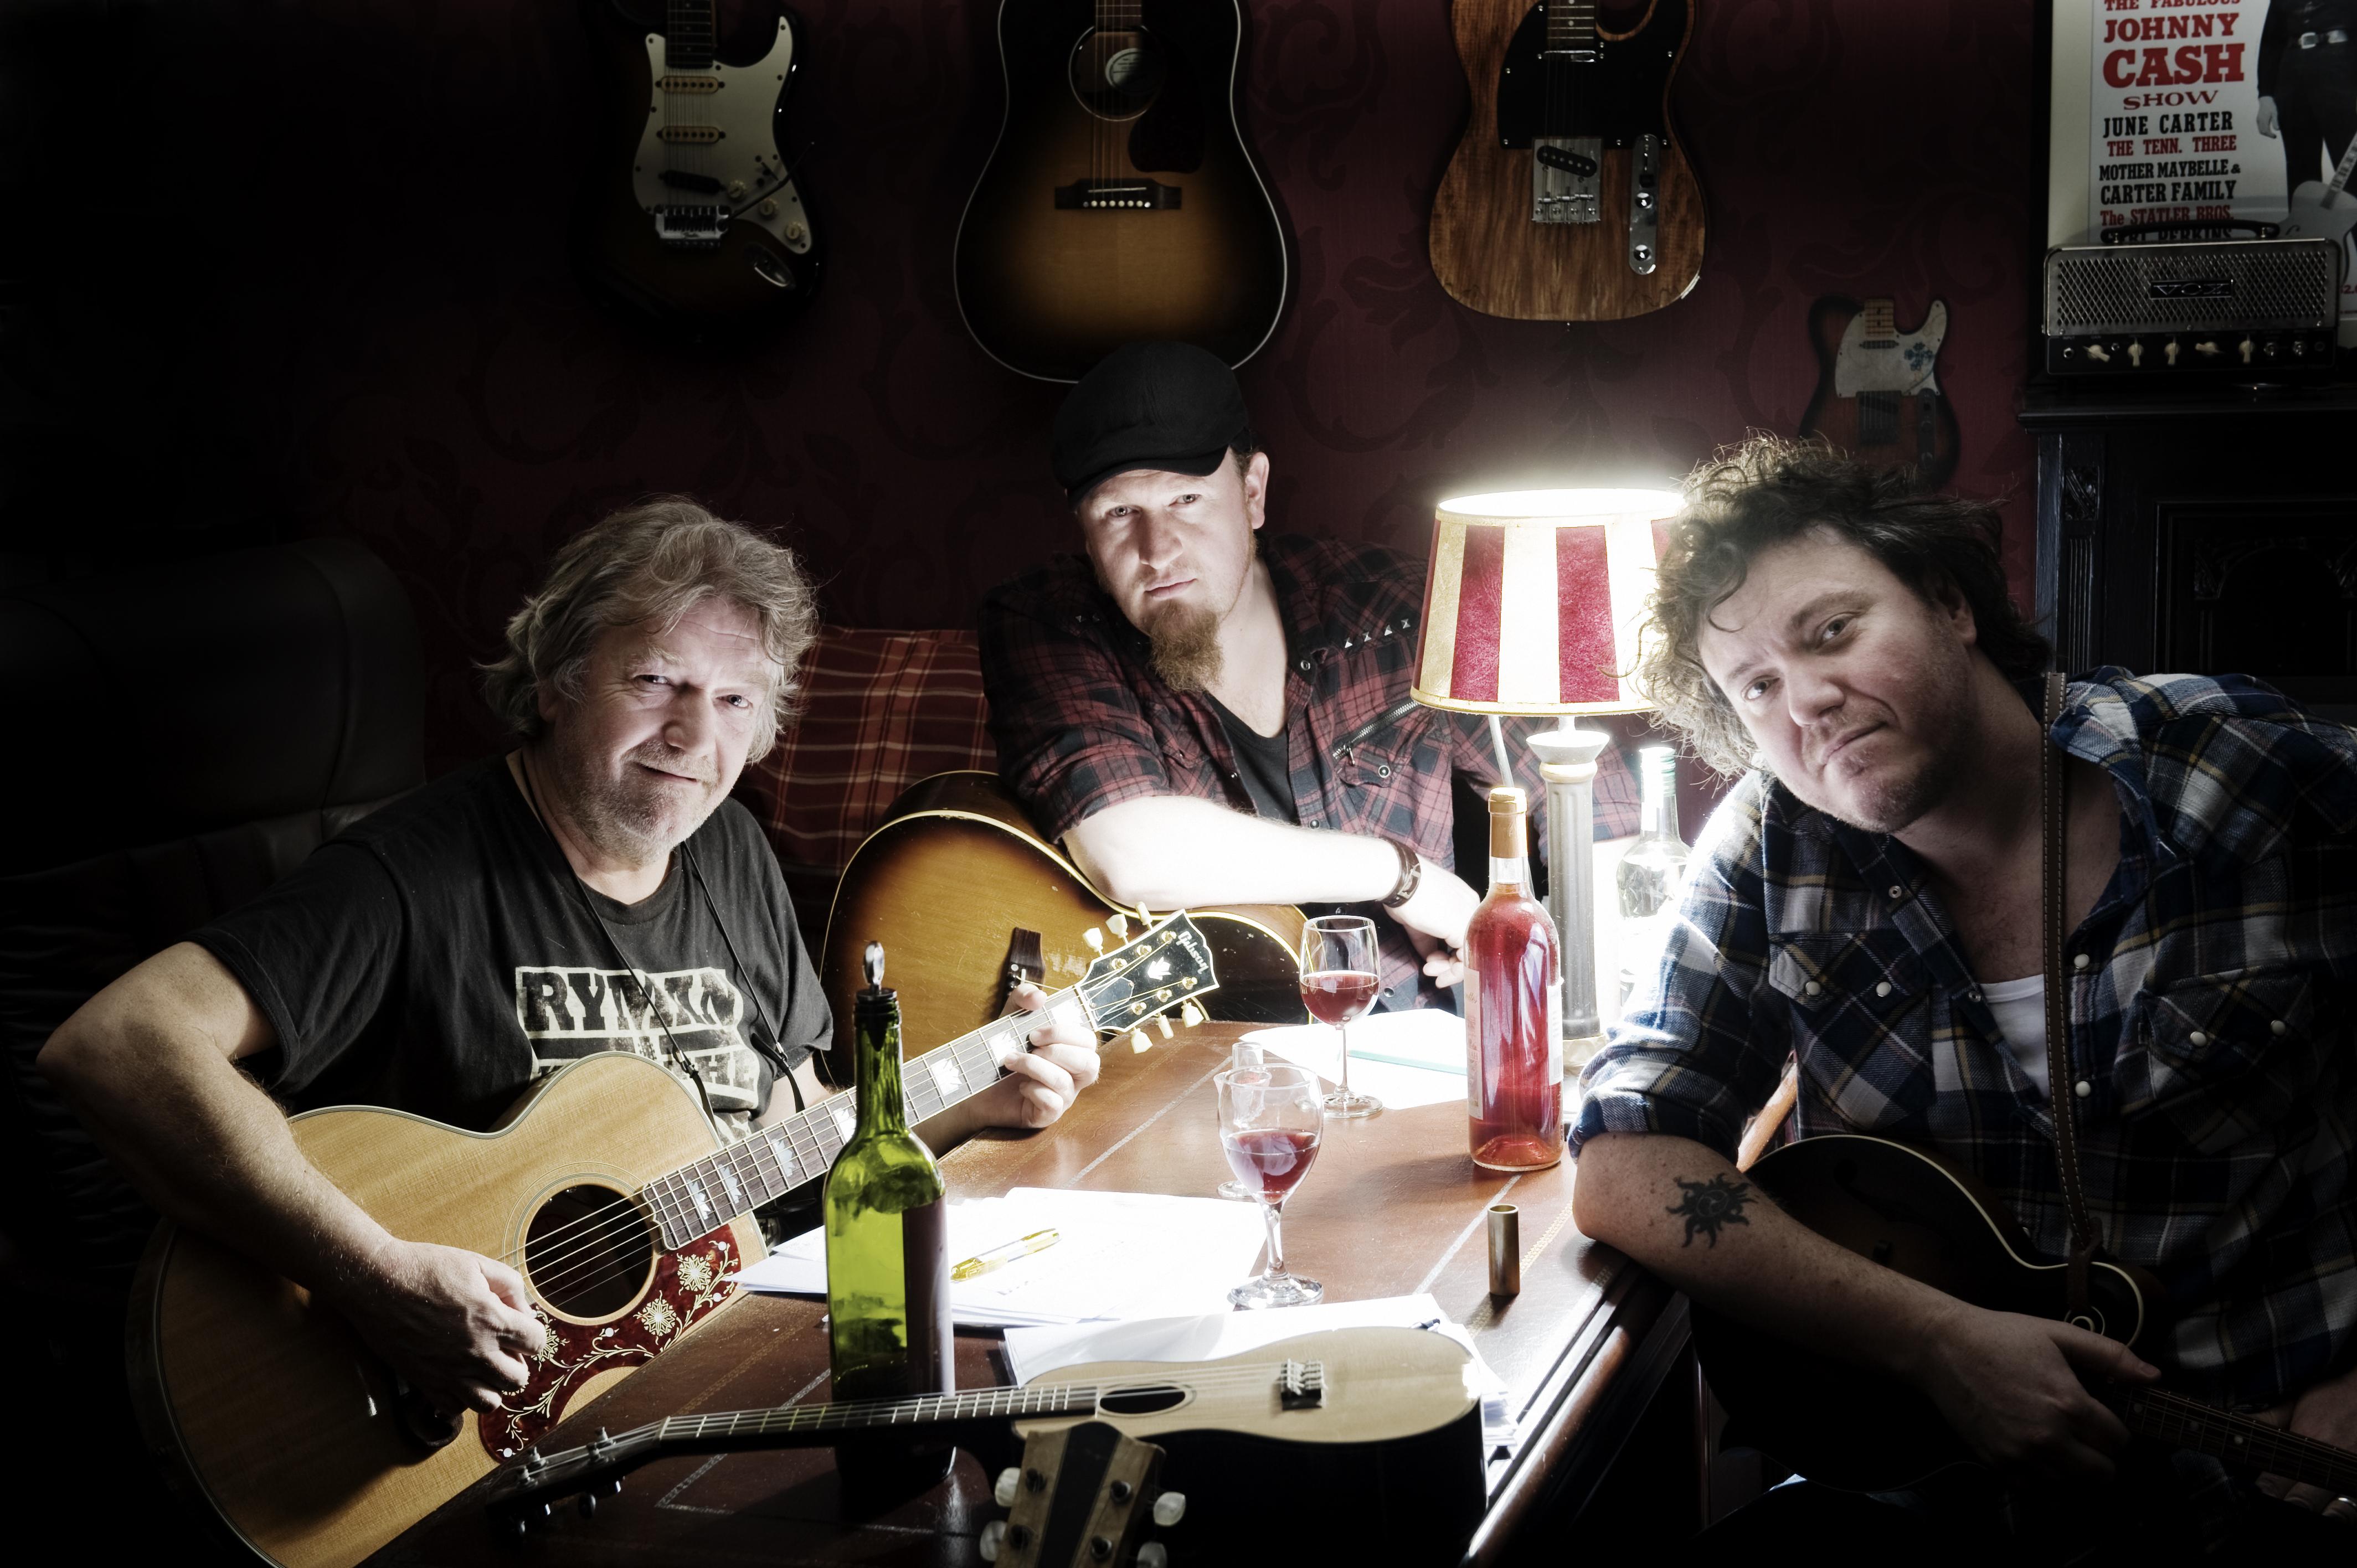 Alex Vissering, Edwin Jongendijk en Jan Henk de Groot brengen samen als De Troebadoers hun tweede album uit. Hun toer 'Nachtkrabers' door Noord-Nederland begint op 26 september in Ons Noabershoes in Veelerveen.